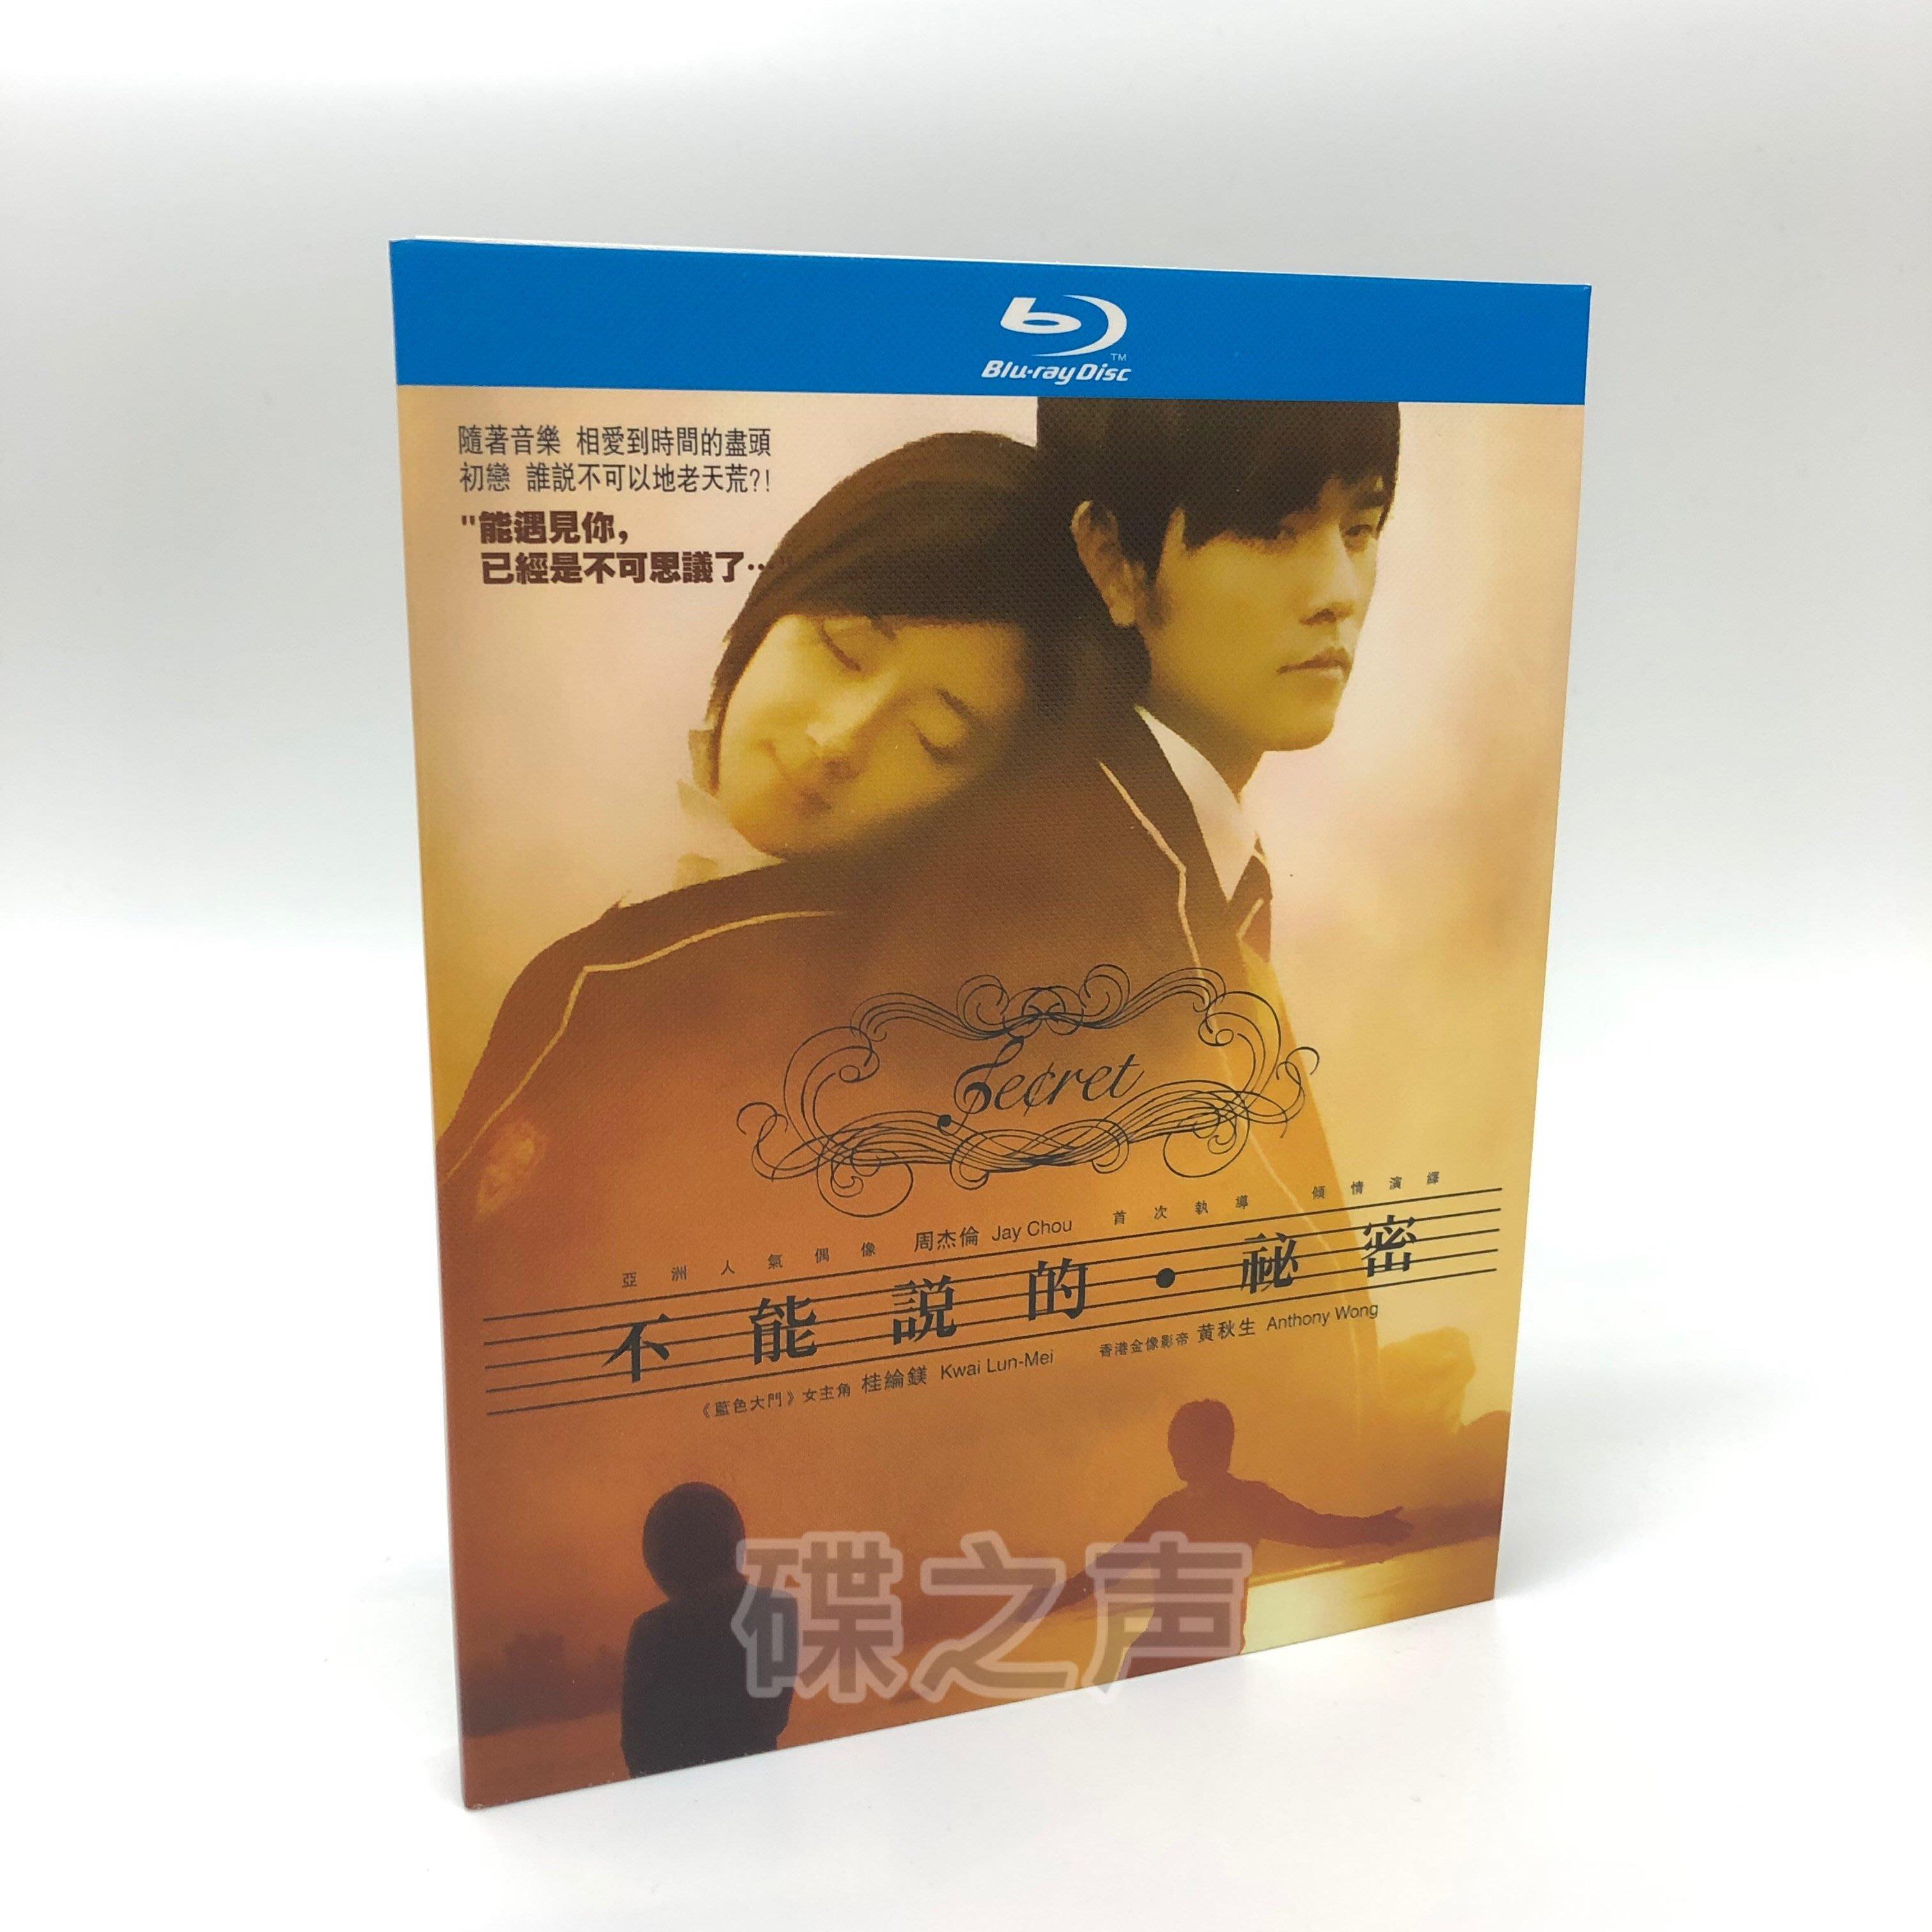 不能說的秘密 周杰倫/桂綸鎂 原版dts7.1 電影藍光碟BD高清1080P